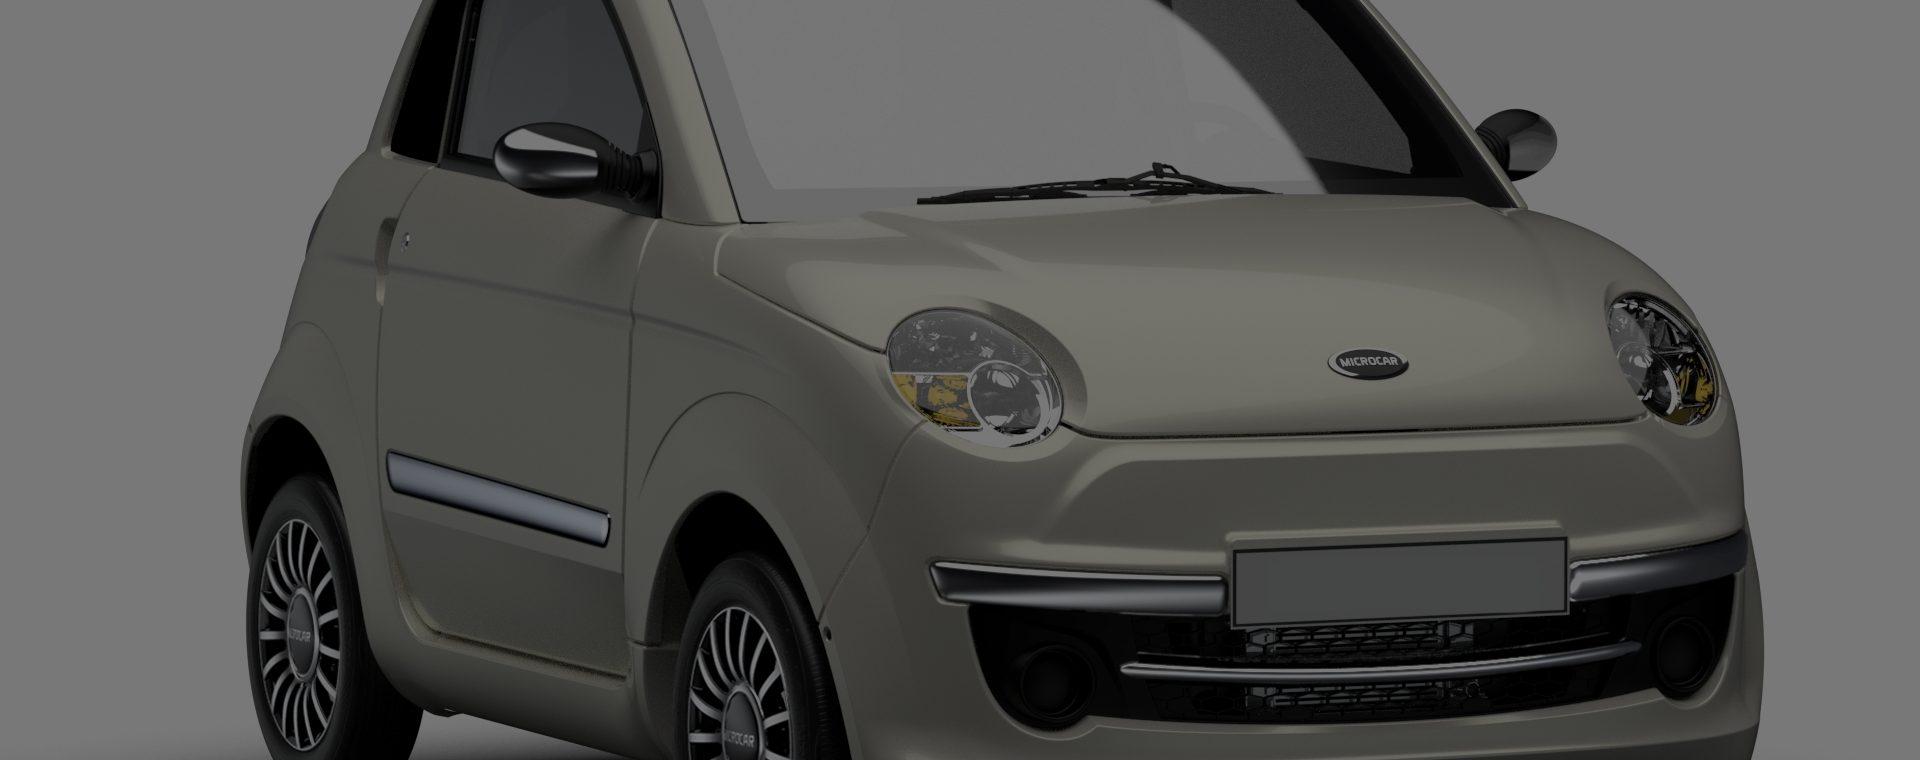 Microauto